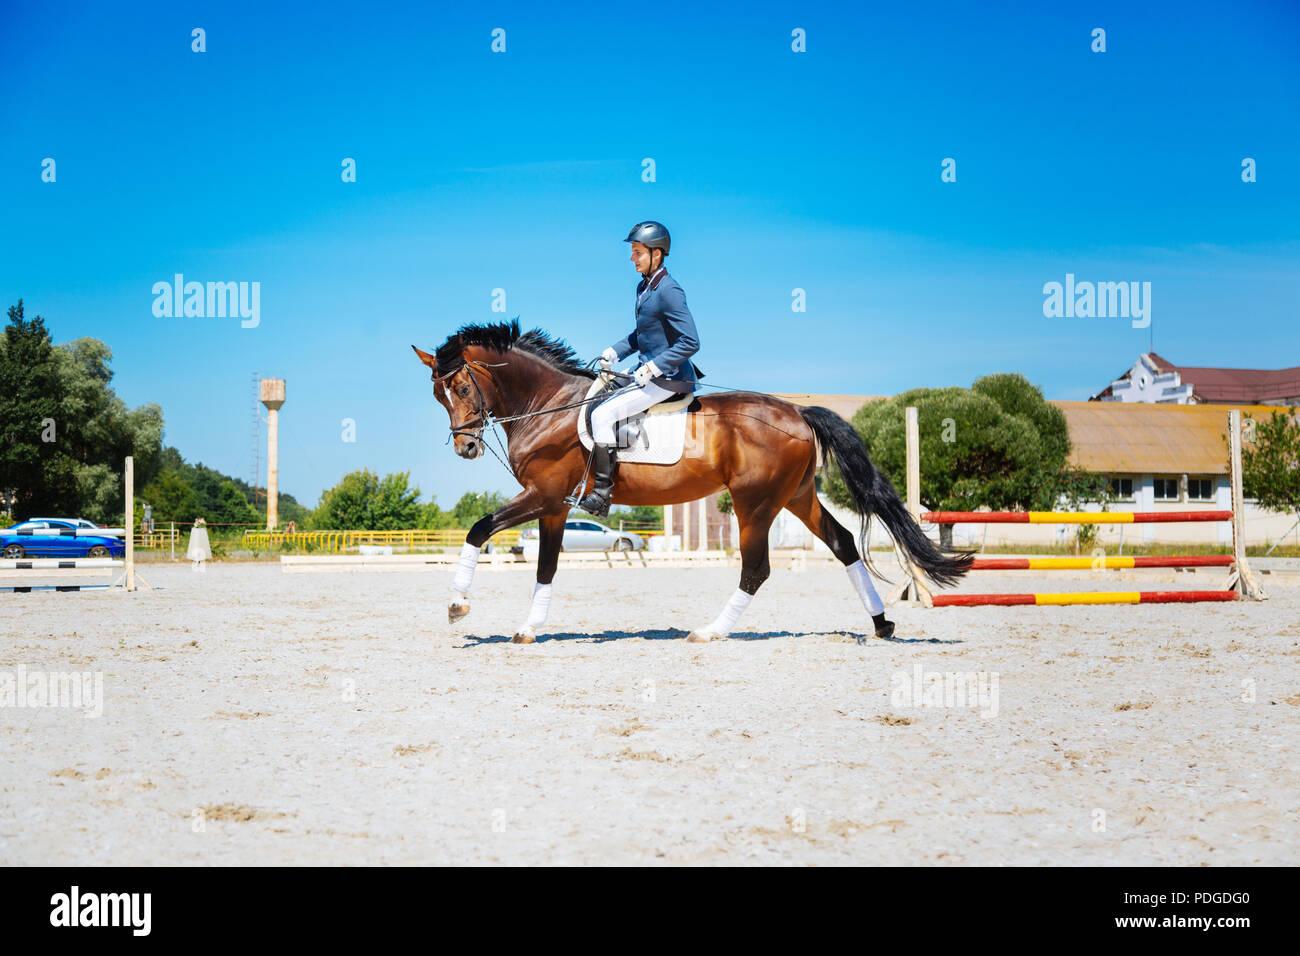 Vielversprechende pferdesport Reiten sein braunes Pferd sehr schnell Stockbild